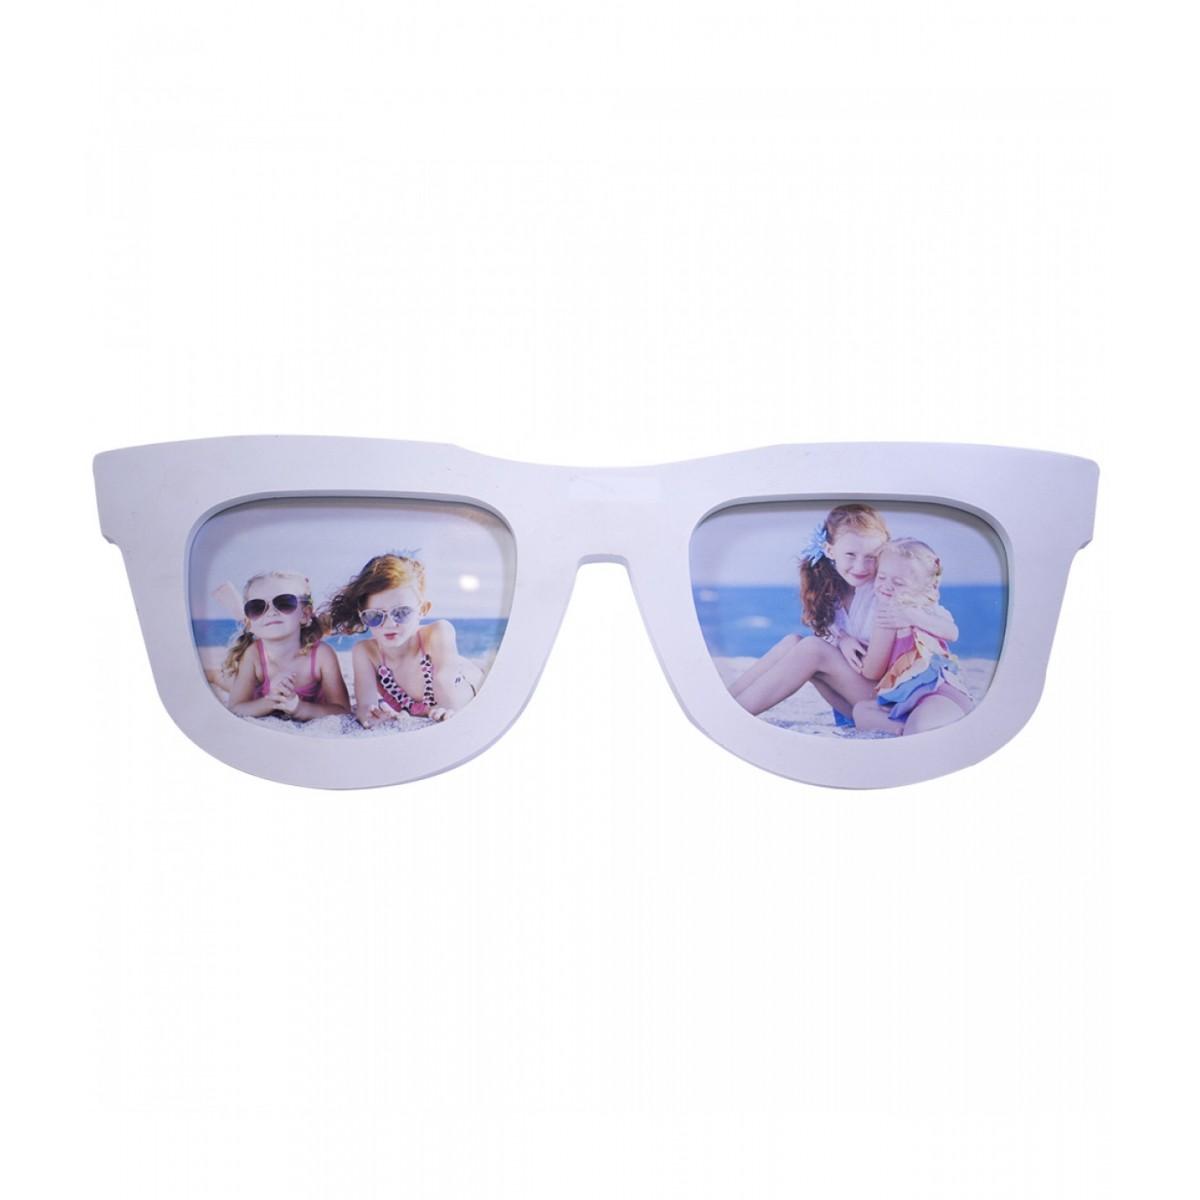 Porta Retrato Estiloso Formato de Óculos Branco p/ 2 Fotos